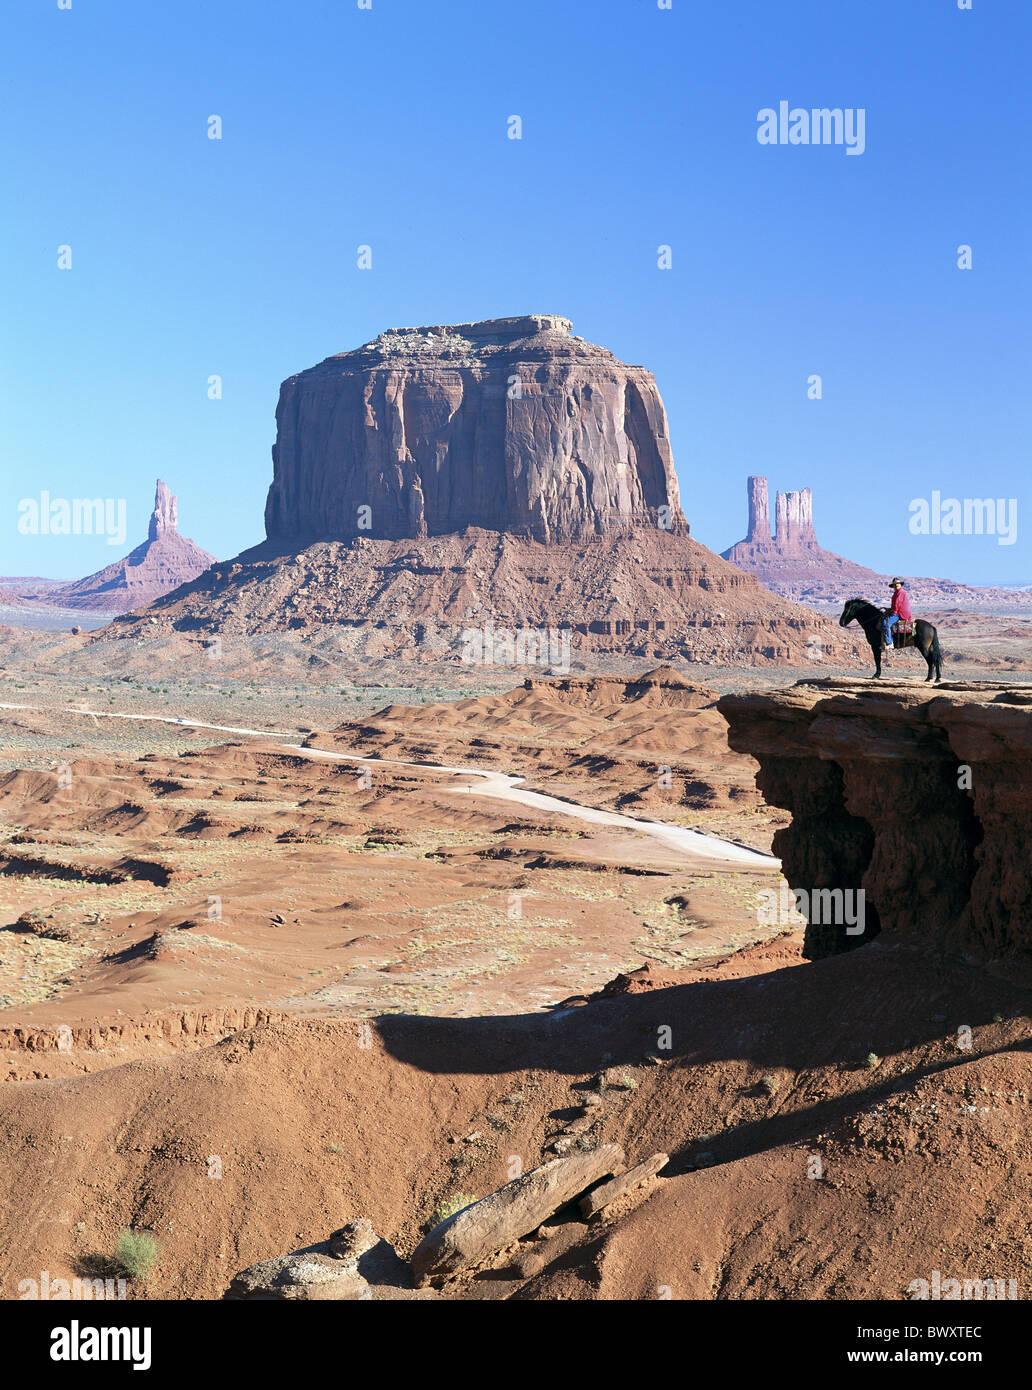 America Arizona cowboy scogliera rocciosa scenario monument valley horse stand USA America Nord America Immagini Stock